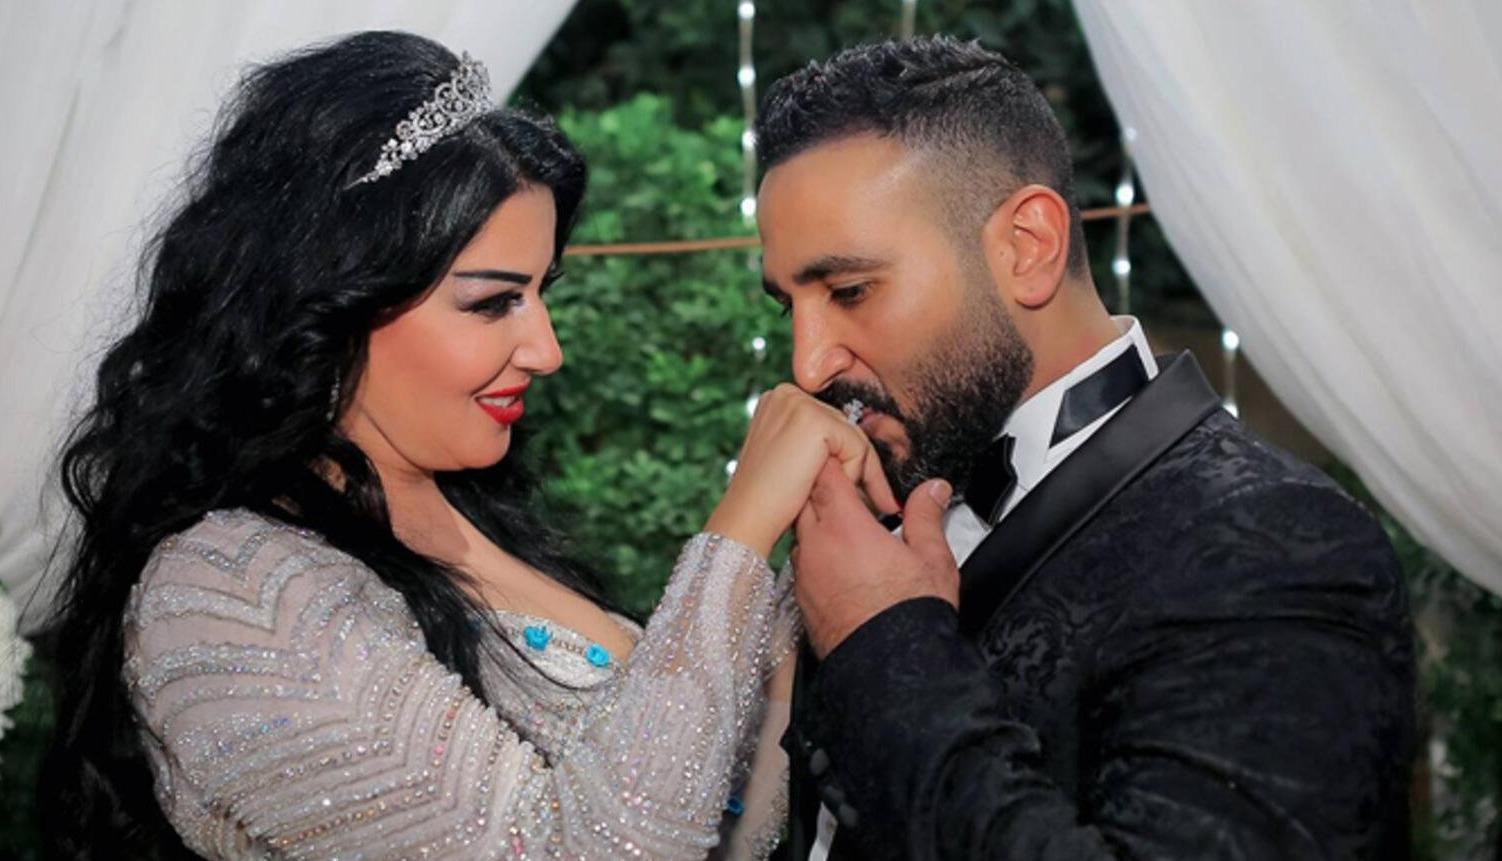 سمية الخشاب: زواجي من أحمد سعد أكبر غلطة في حياتي (فيديو)